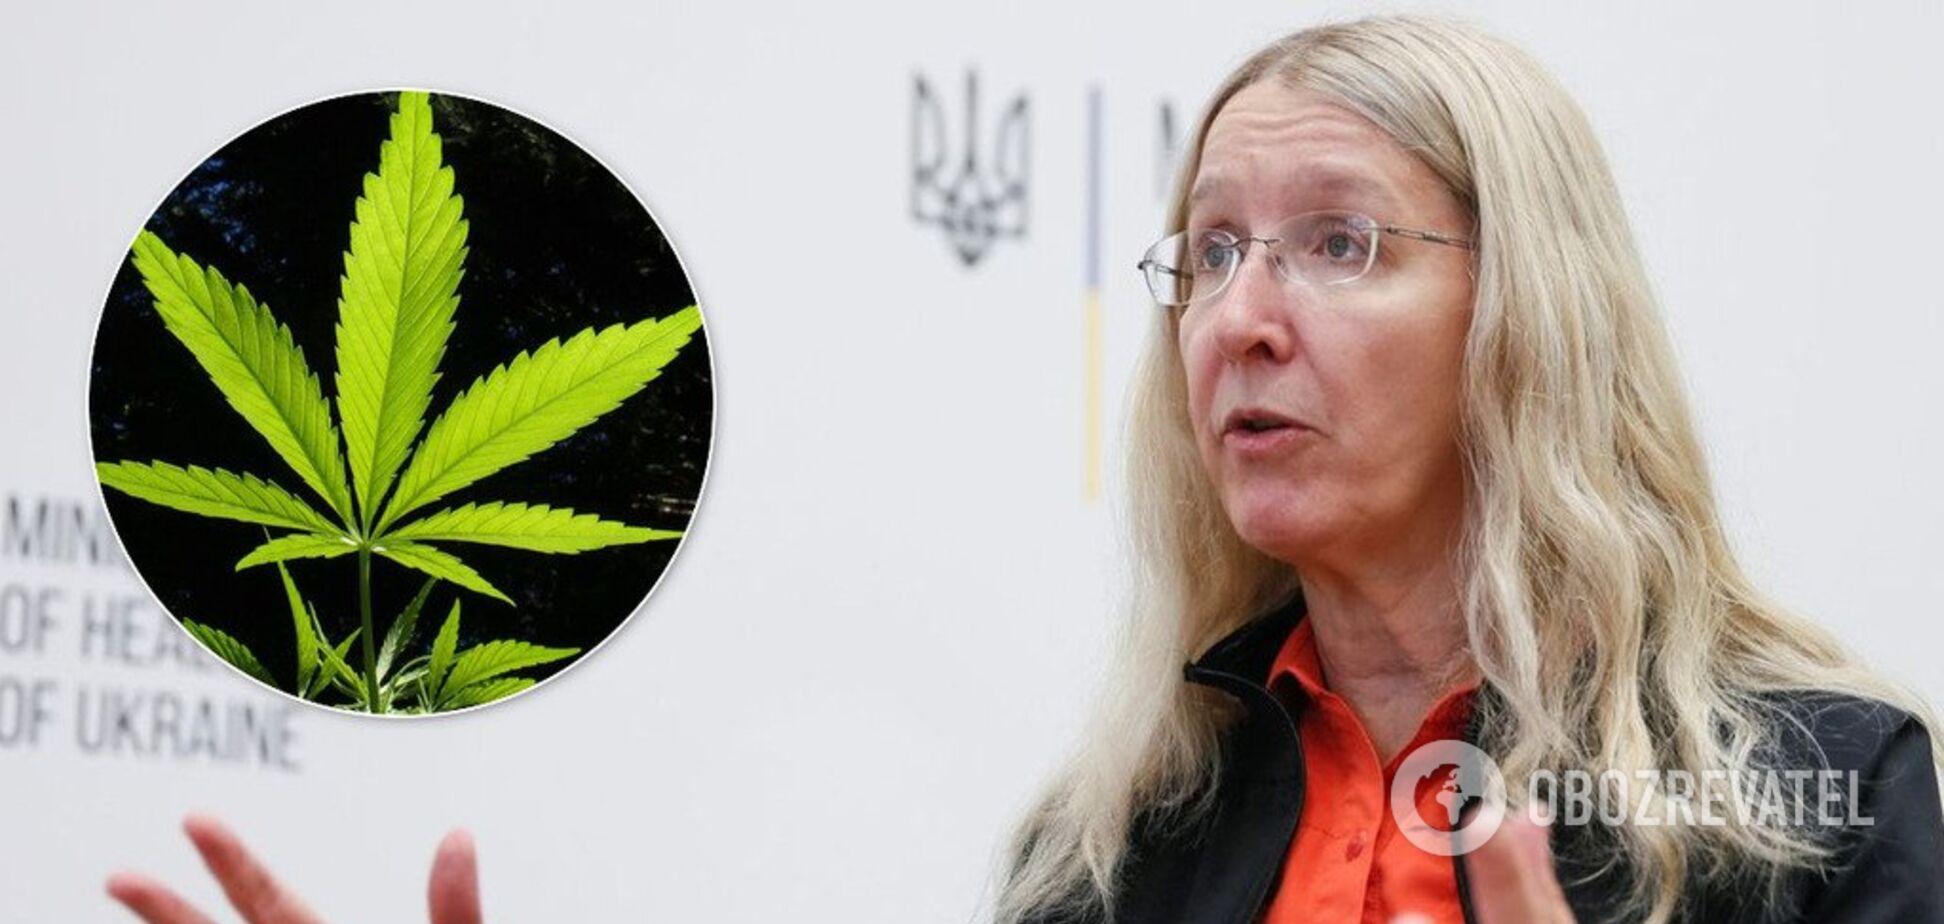 Життя без болю і страждань: Супрун закликала Зеленського дозволити наркотики в Україні